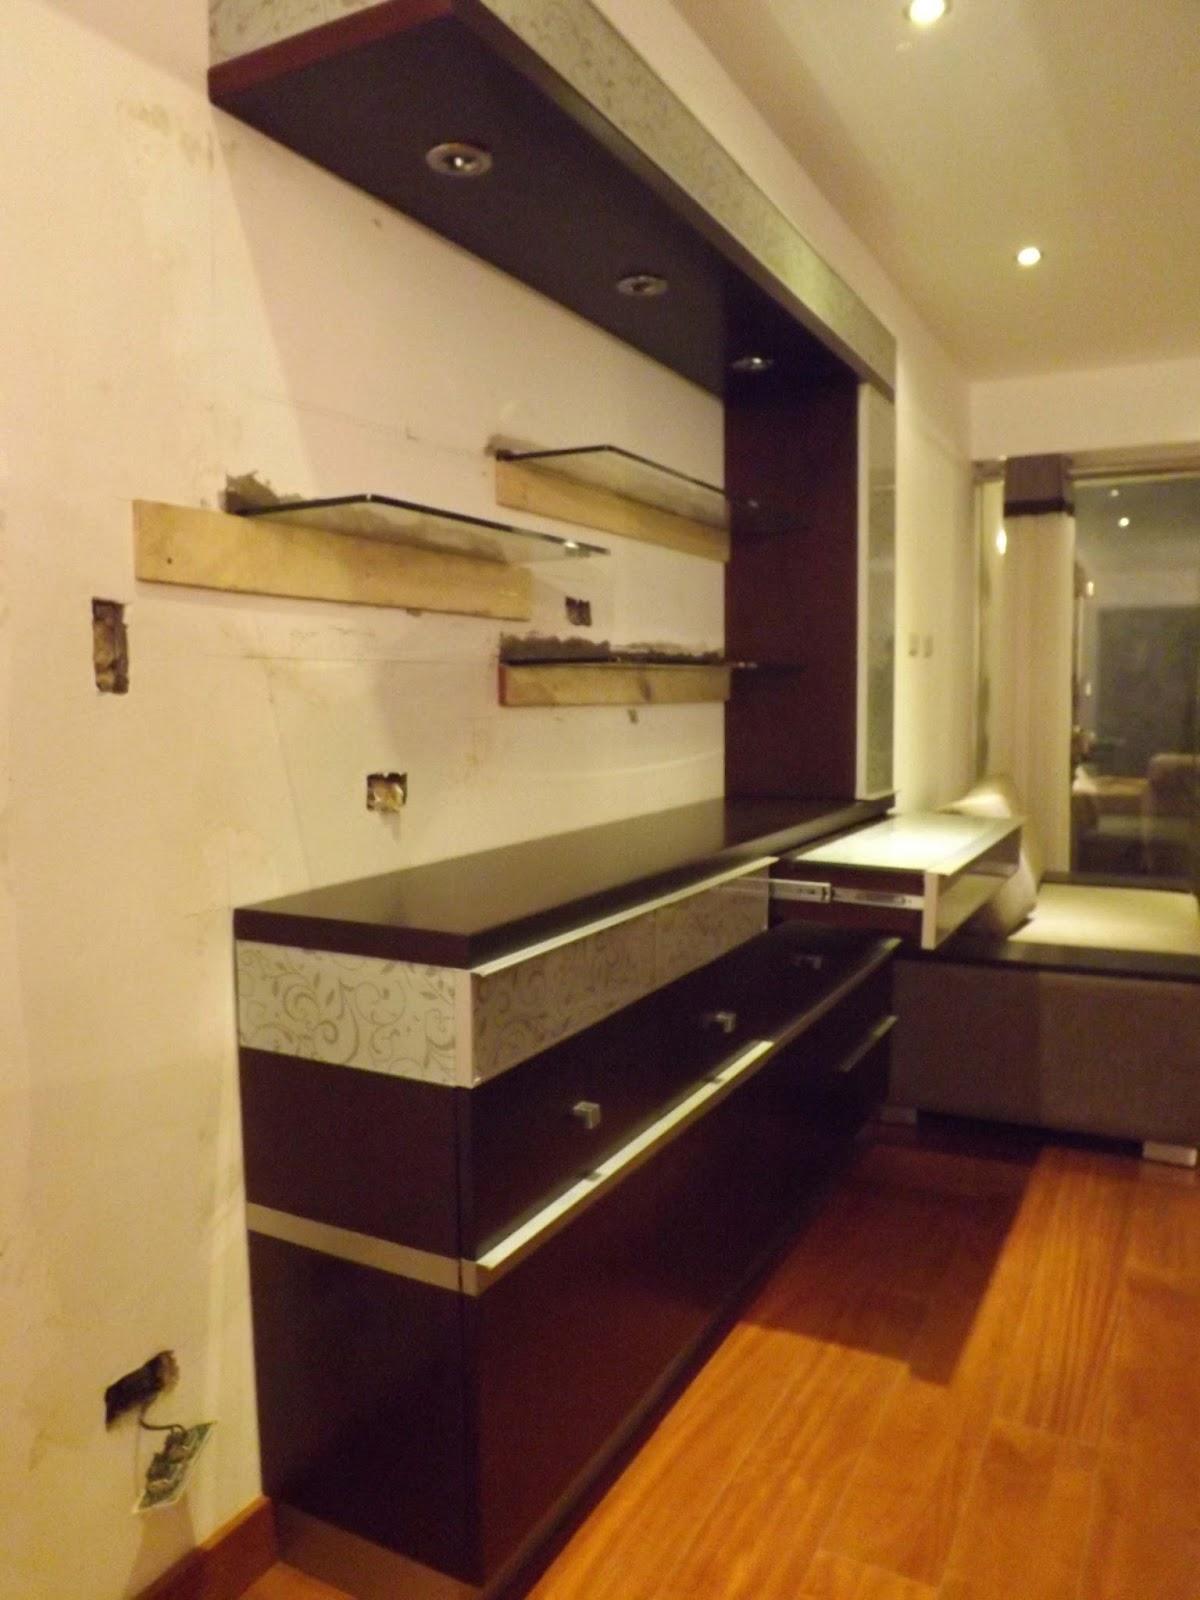 Oniria obra en proceso mueble bar instalado en departamento for Muebles de departamento